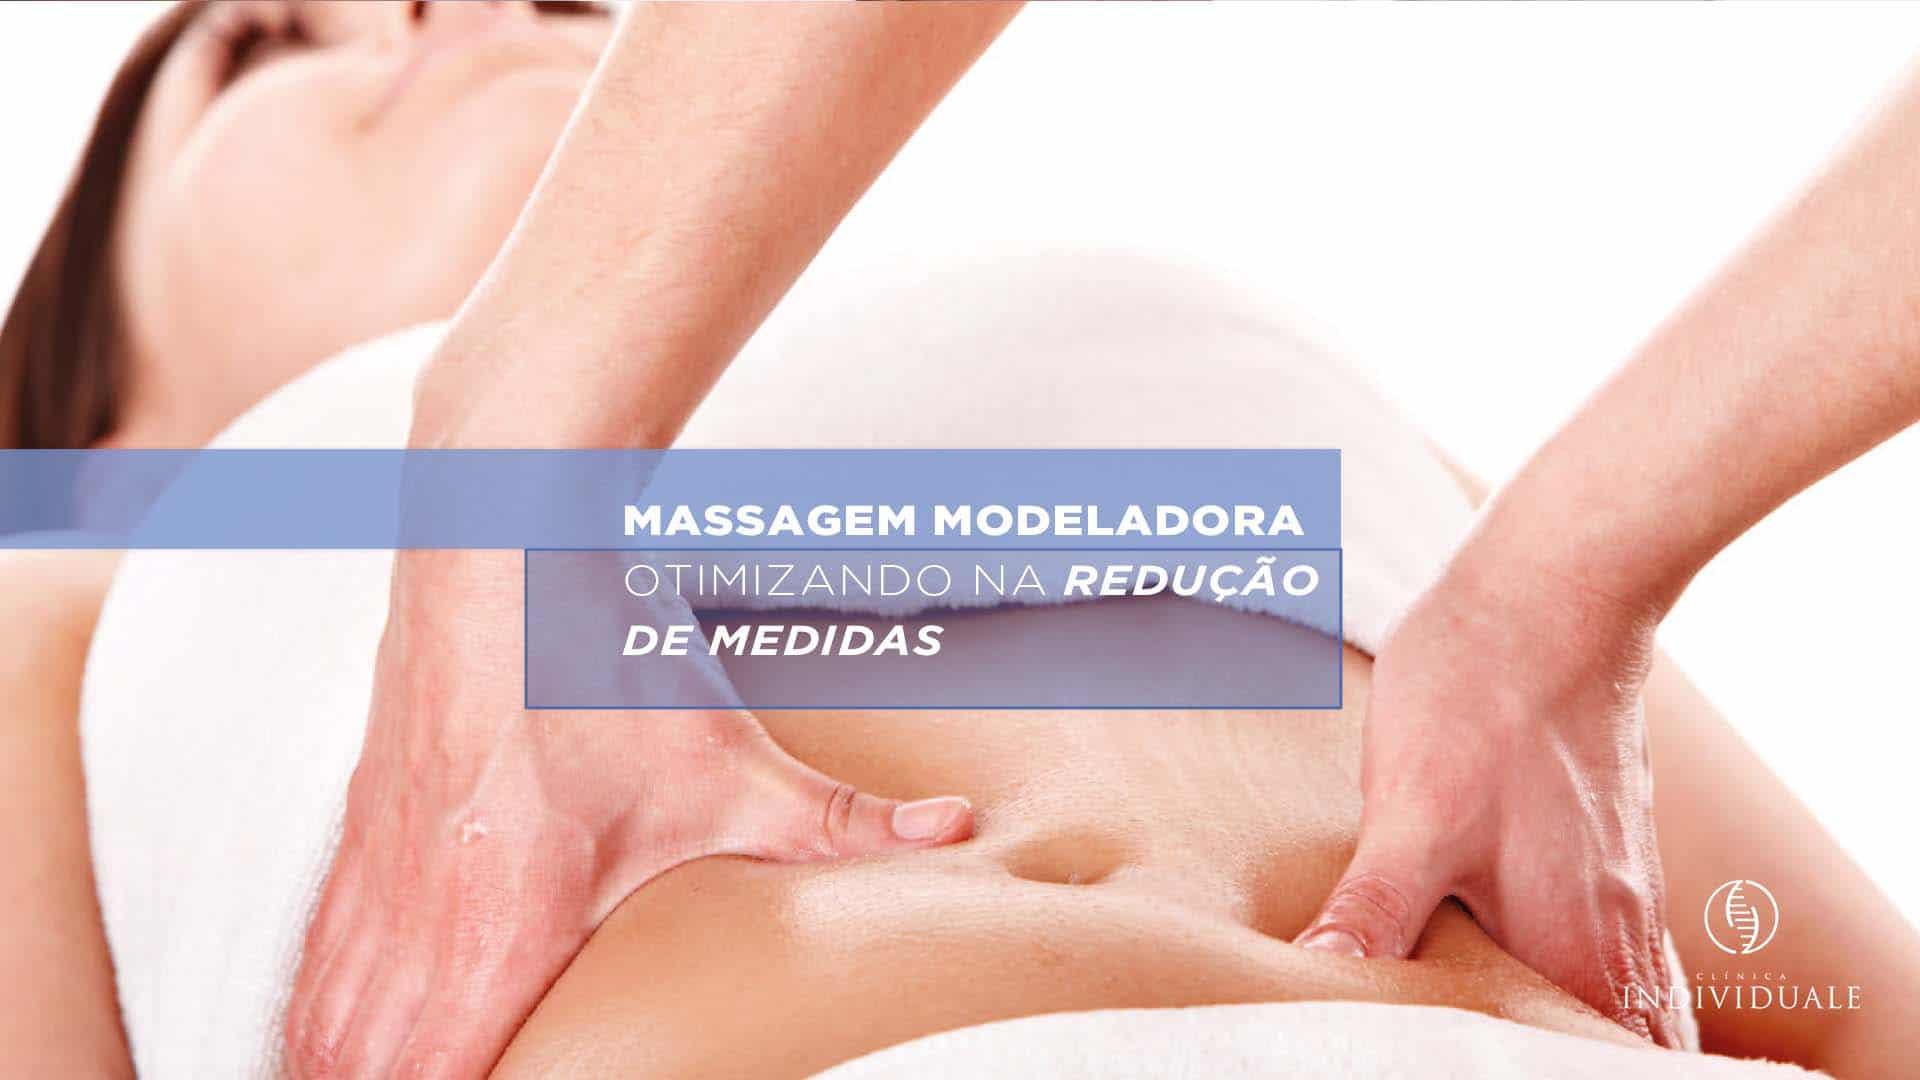 Massagem Modeladora Otimizando na Redução de Medidas